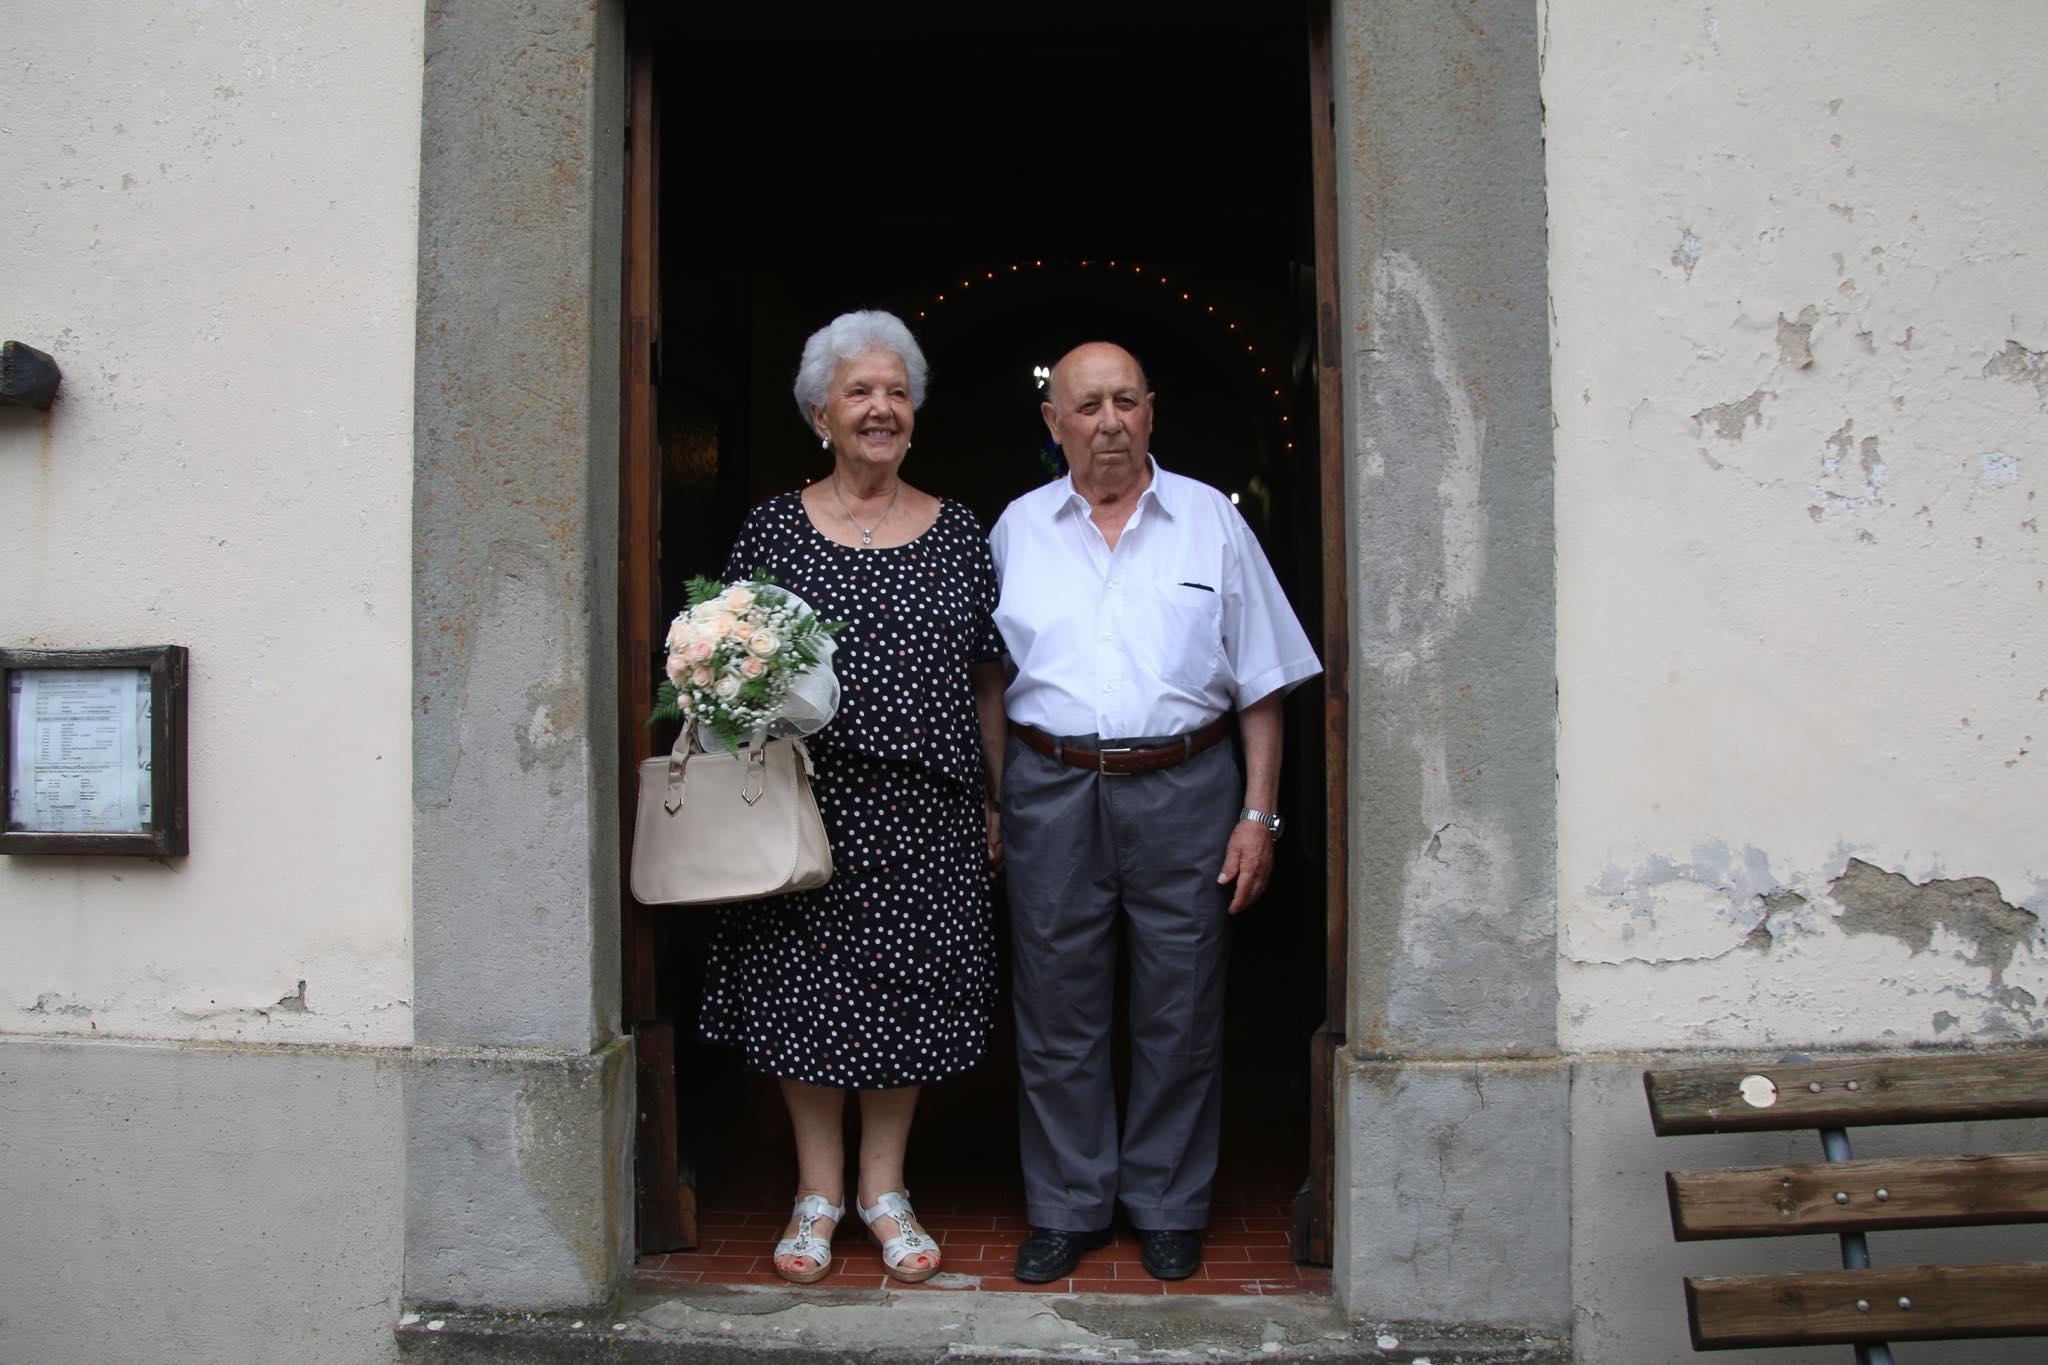 Anniversario Matrimonio Omelia.Choc In Chiesa Chiedono Una Messa Per Il 60esimo Anniversario Di